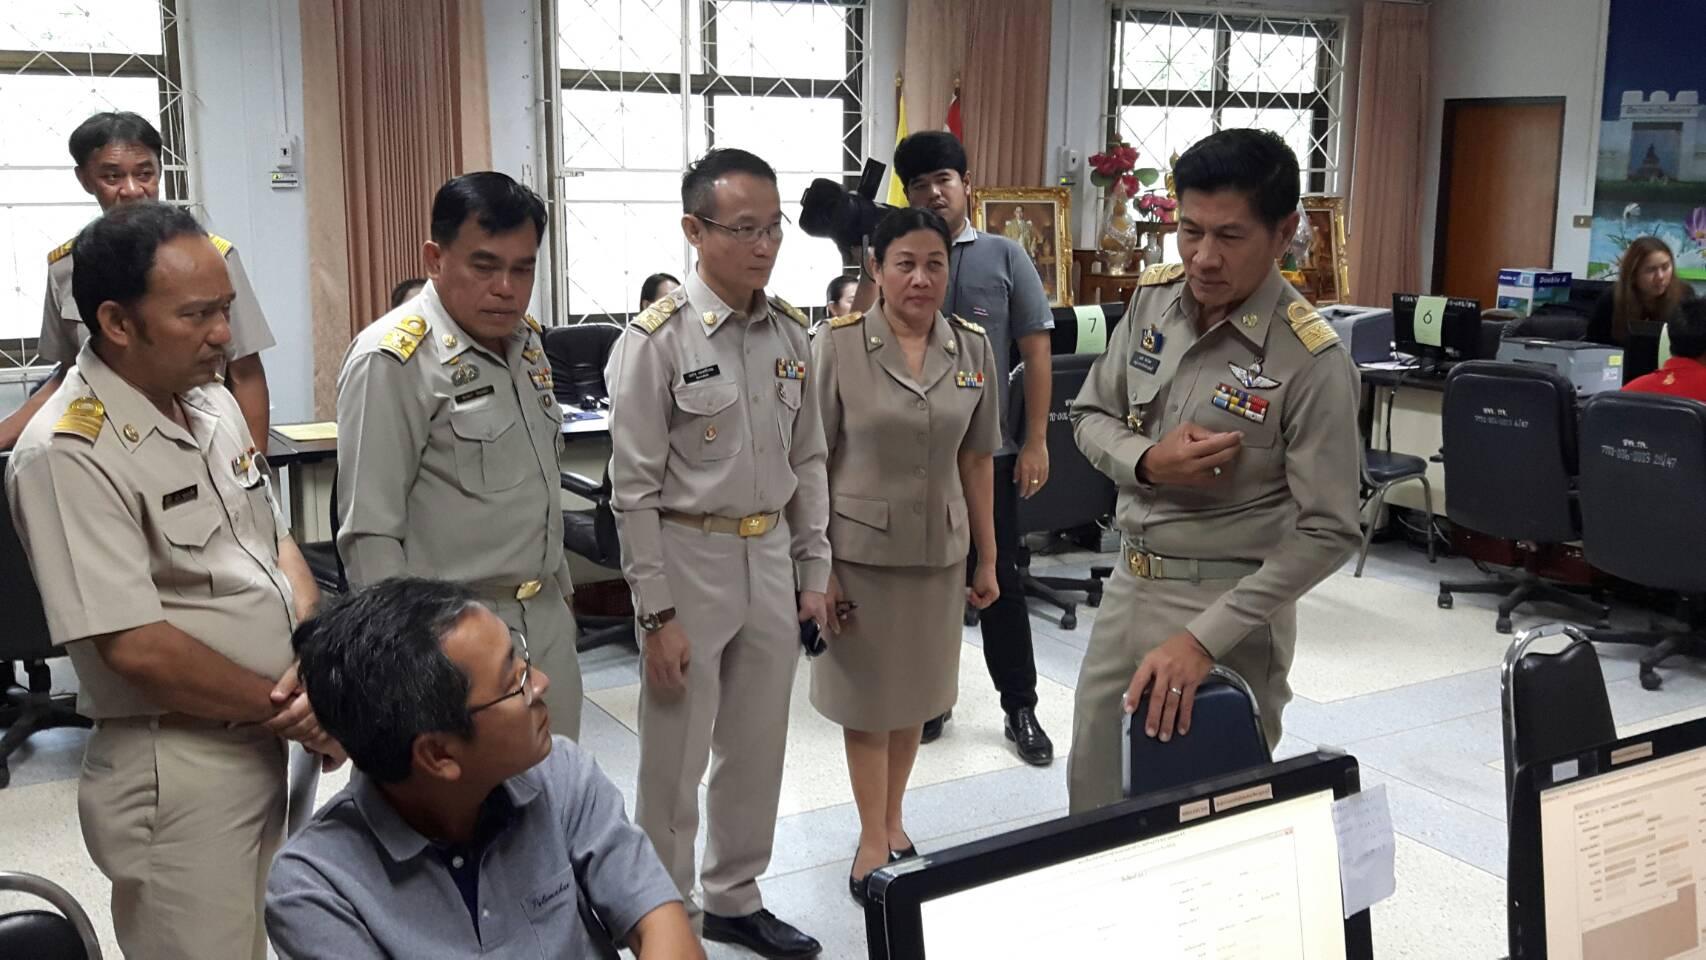 รองผู้ว่าราชการจังหวัดกาญจนบุรีเยี่ยมศูนย์รับแจ้งการทำงานของคนต่างด้าวจังหวัดกาญจนบุรี